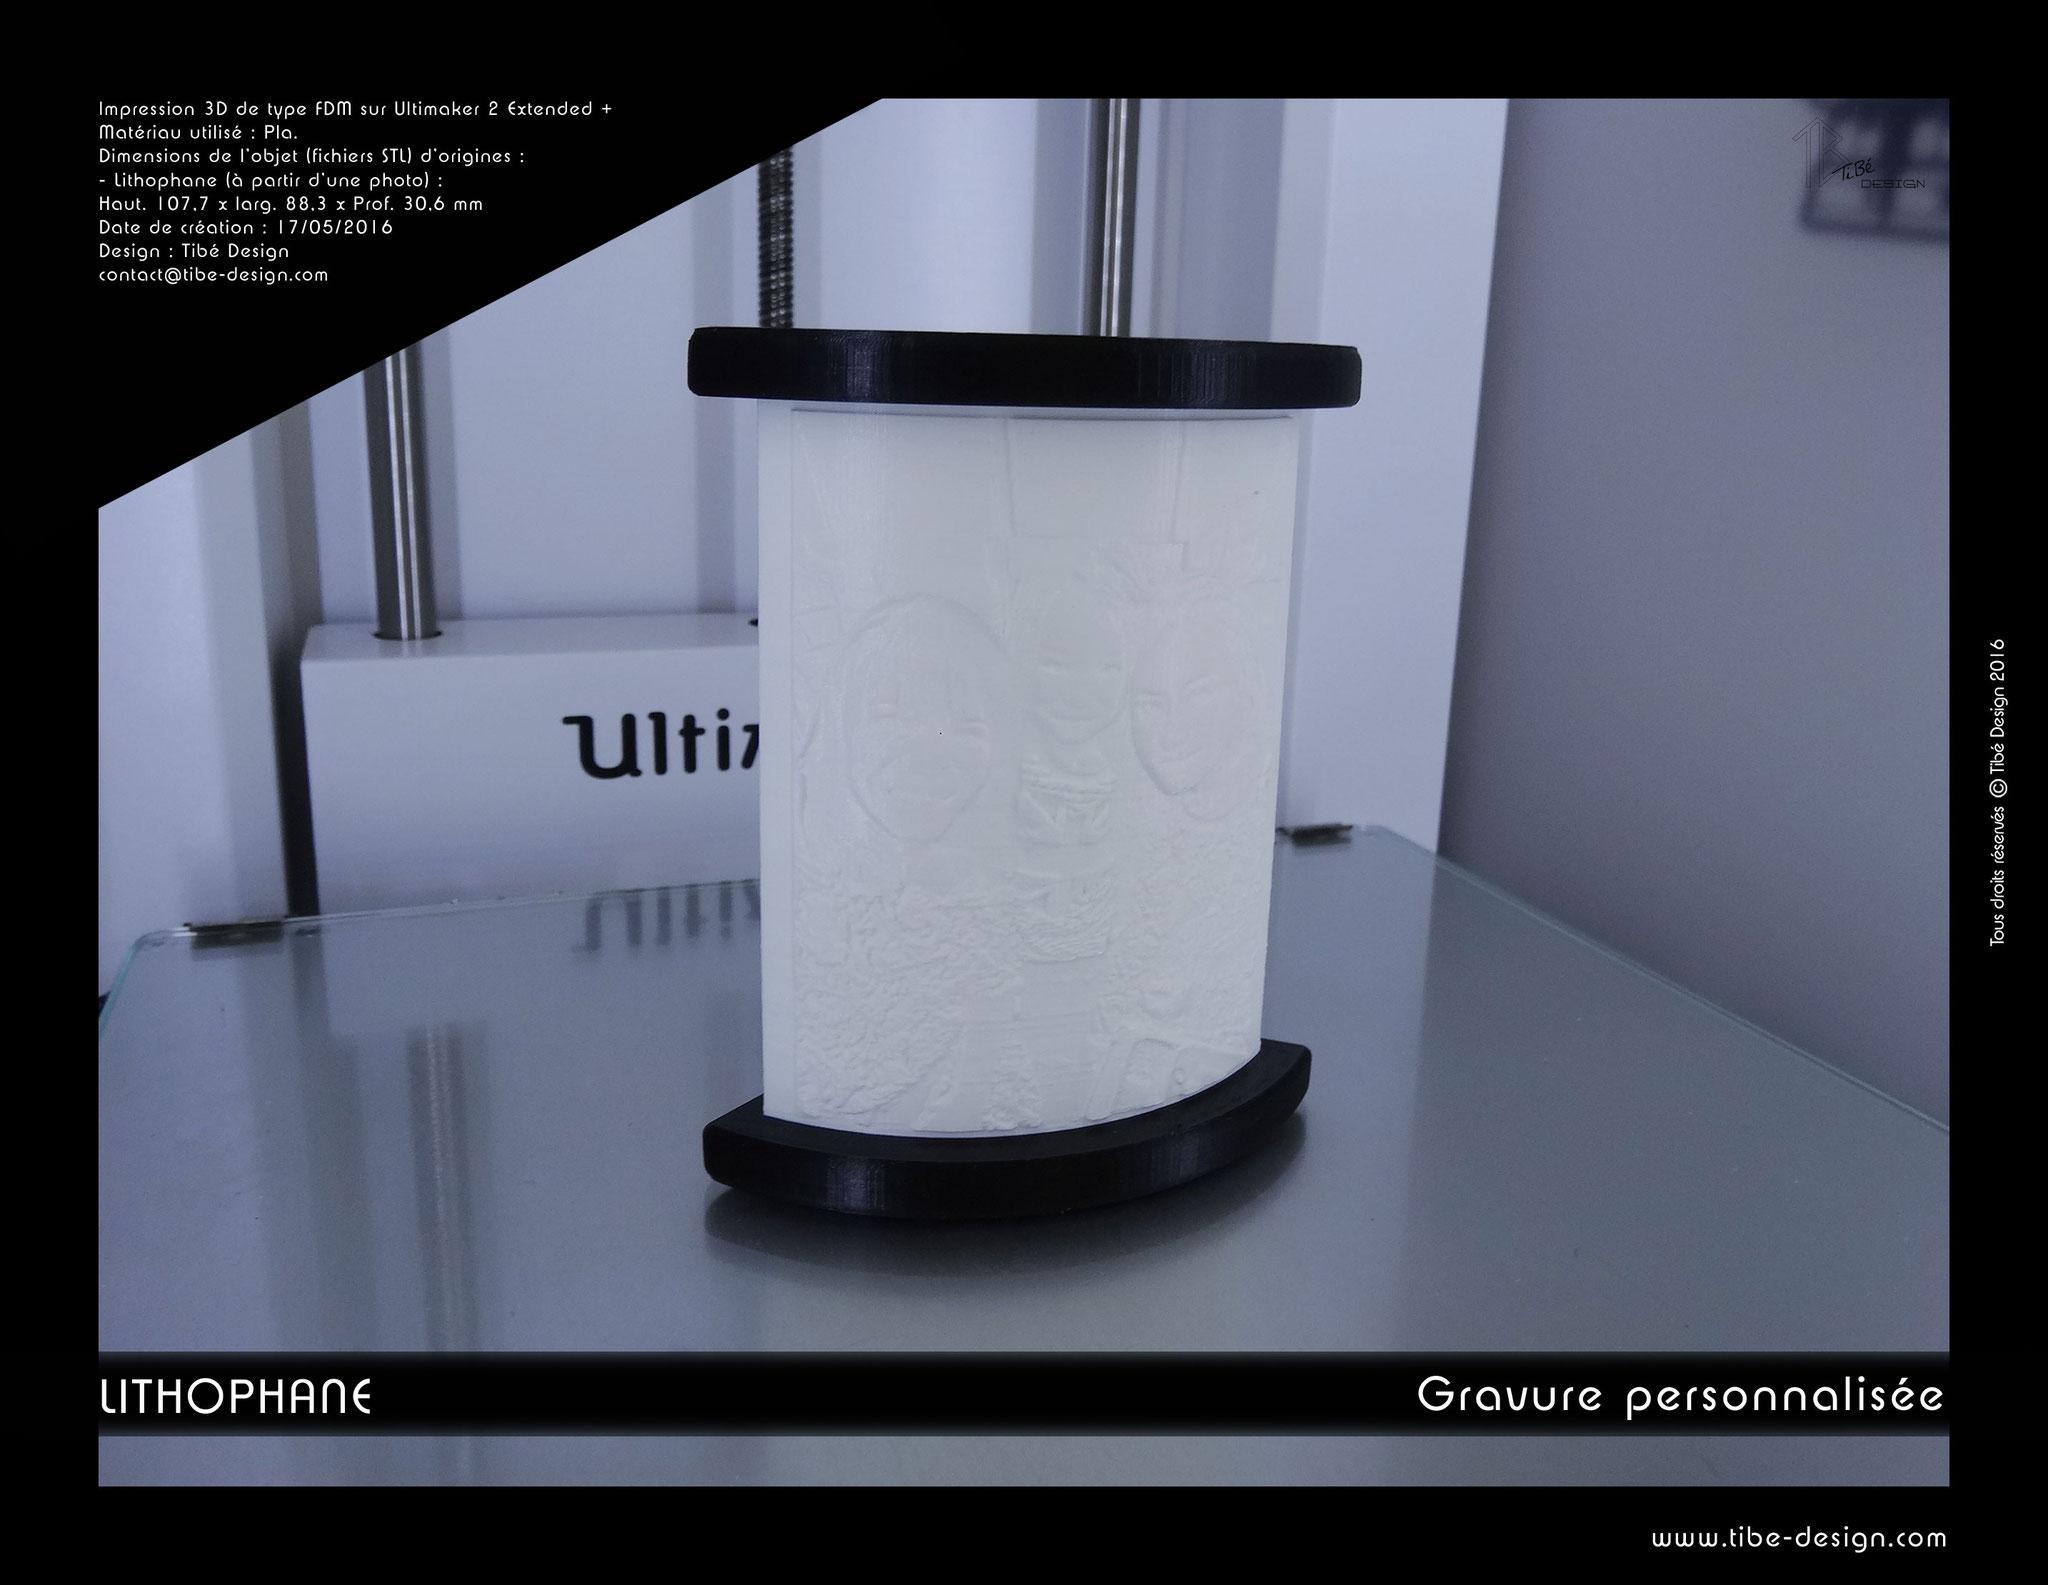 Lithophane ou bas relief print 3D à partir d'une photo 2